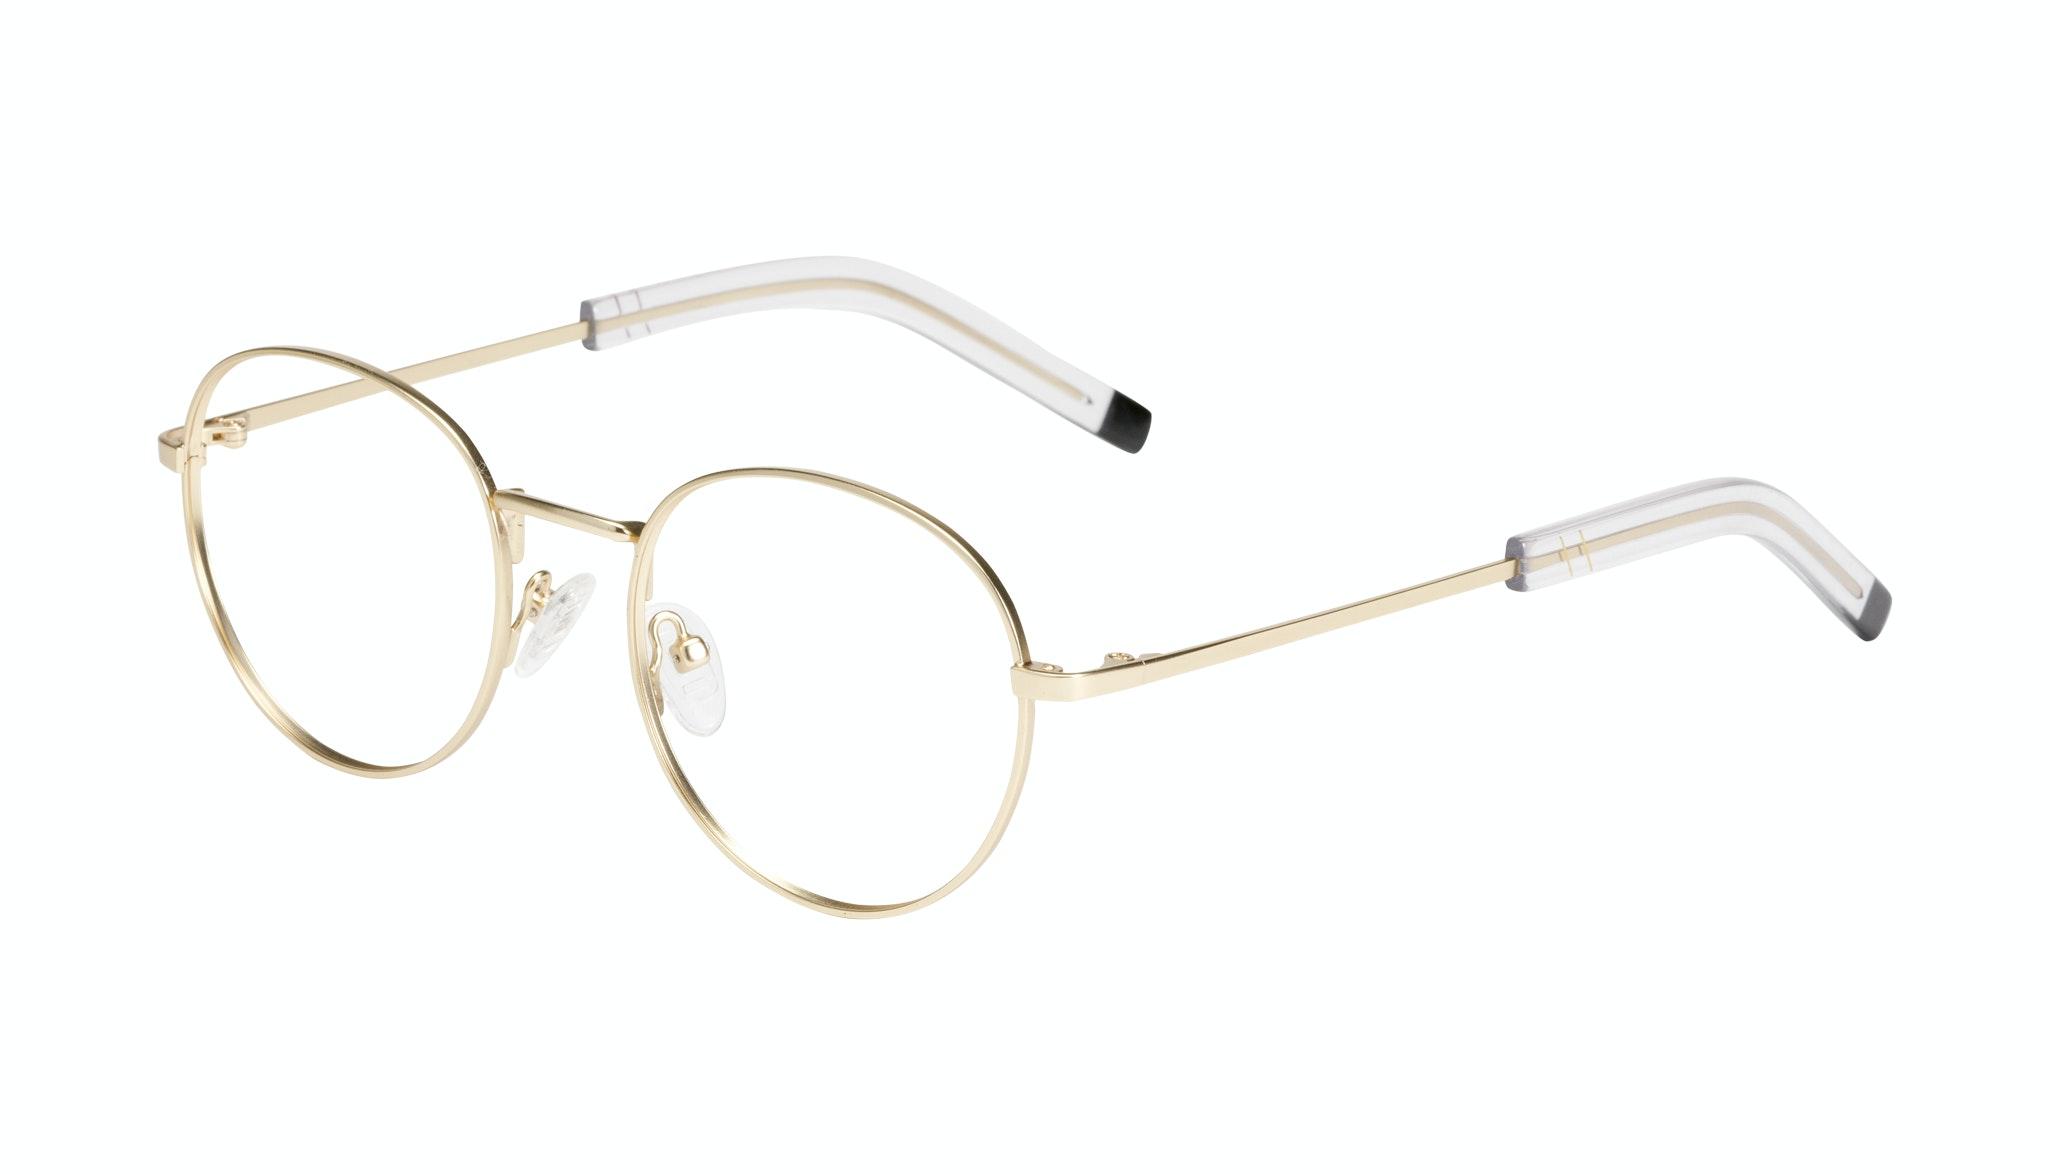 Affordable Fashion Glasses Round Eyeglasses Men Lean Gold Matte Tilt